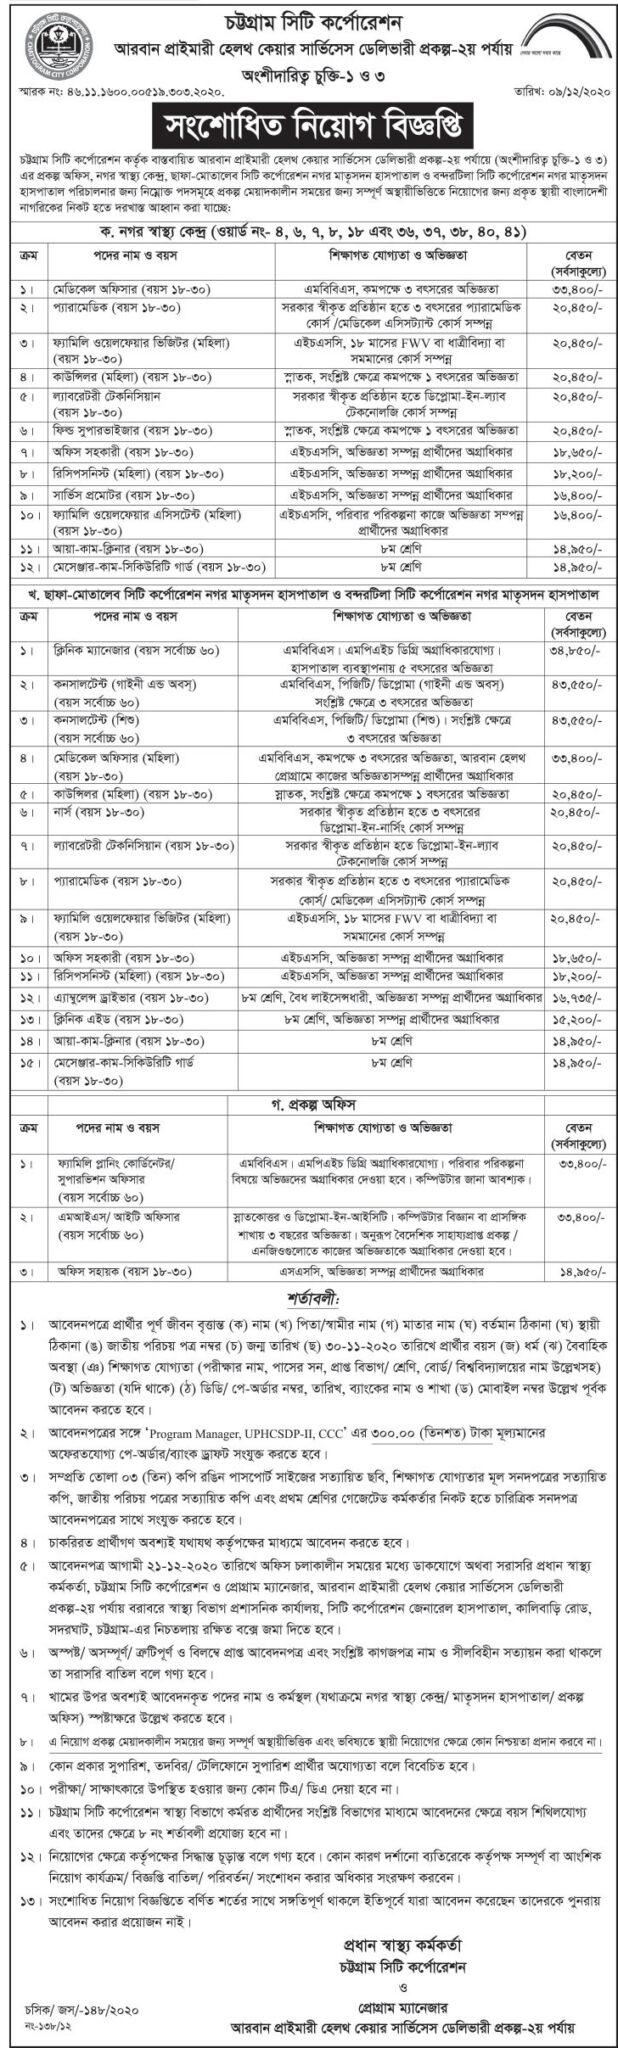 chittagong job circular 2020